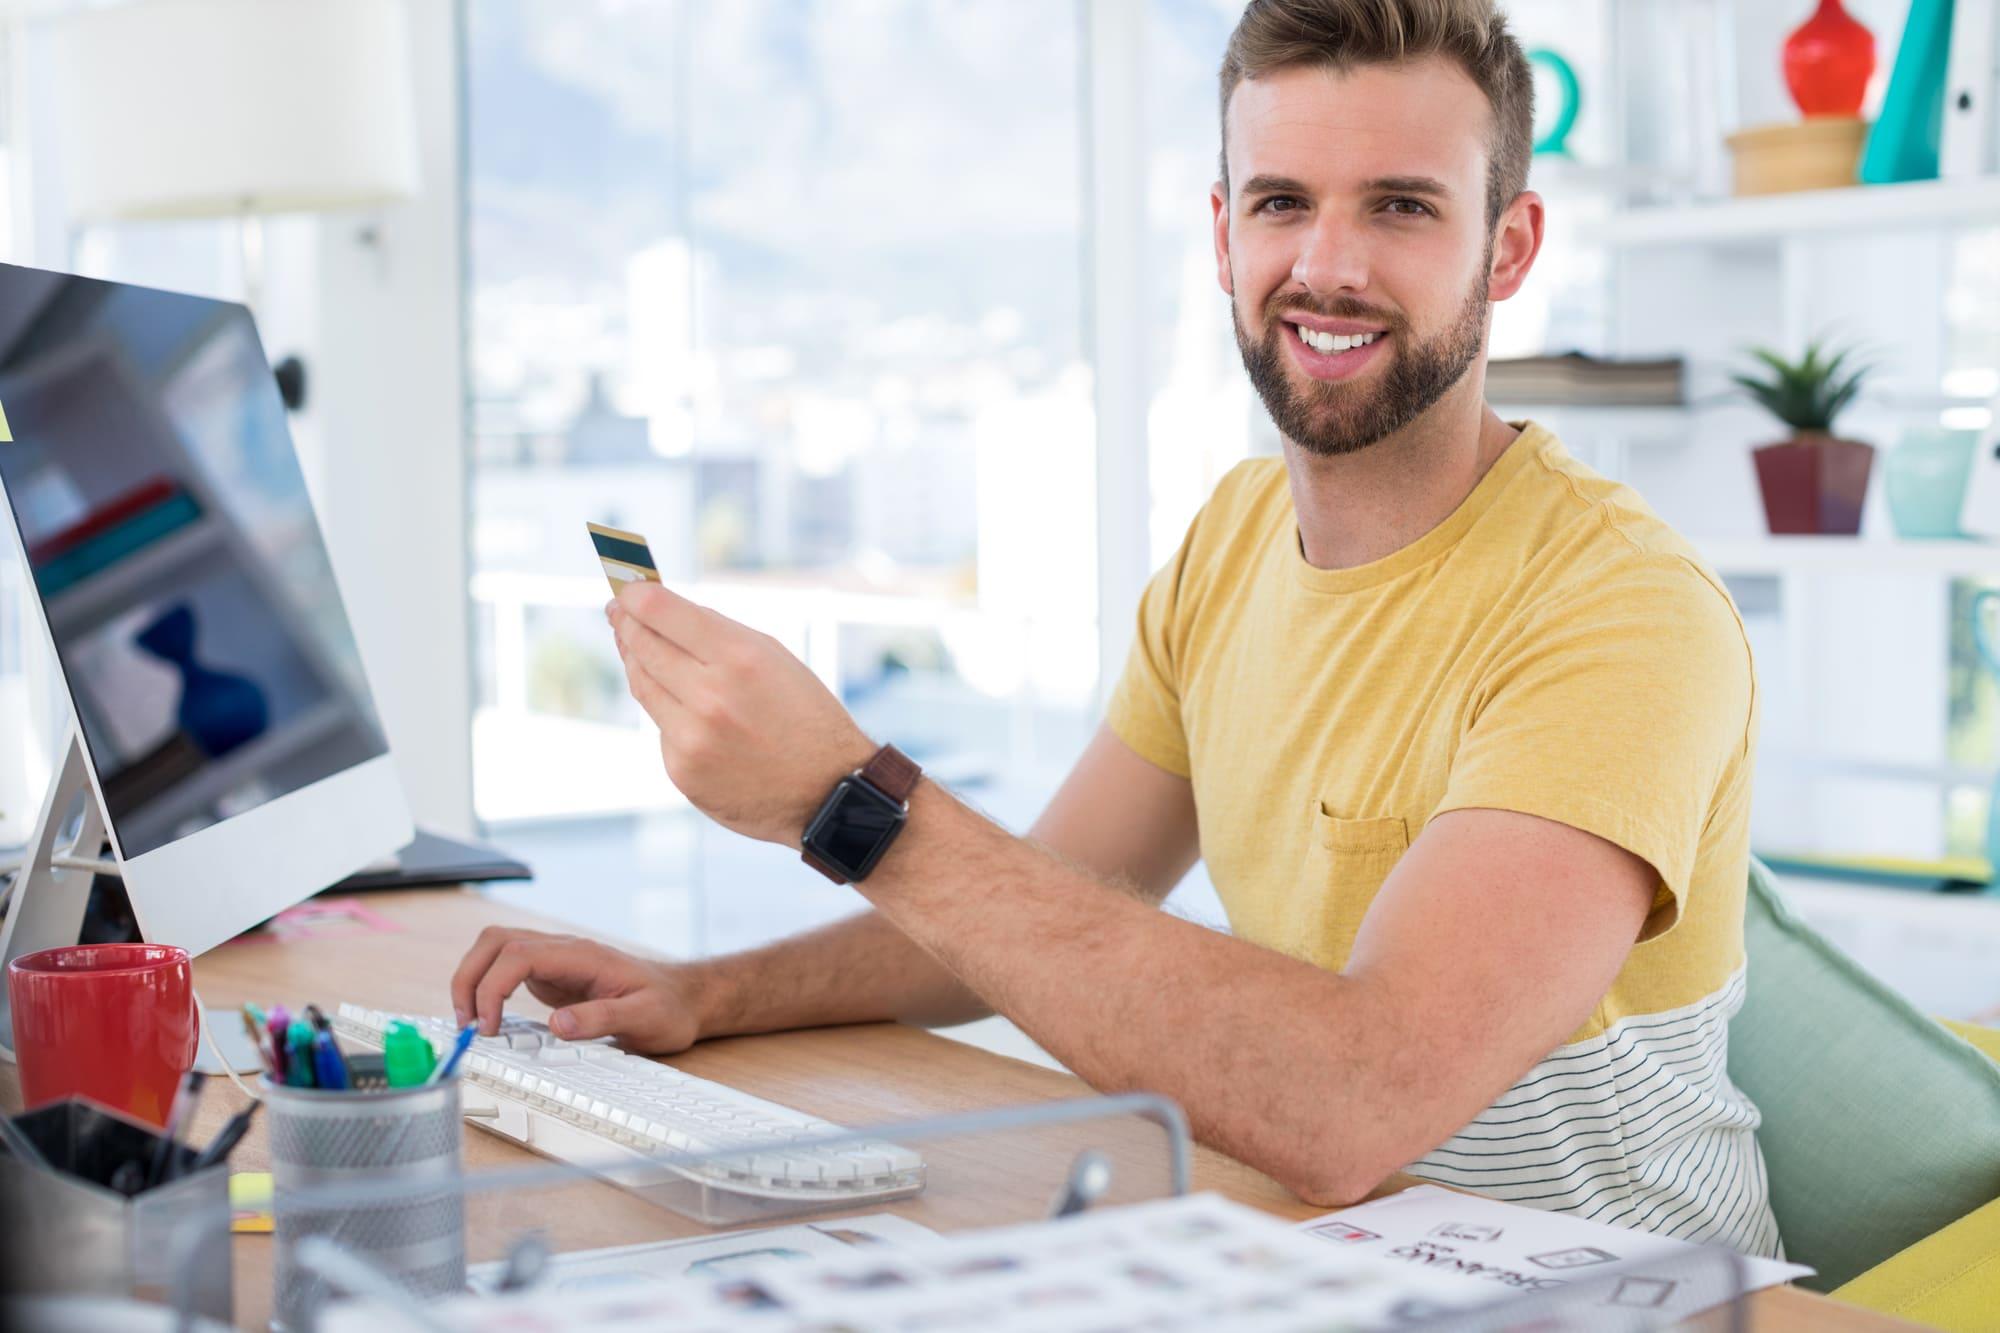 個人事業主が開業前に必要なものとは?事業をスムーズにするおすすめの法人カードもご紹介